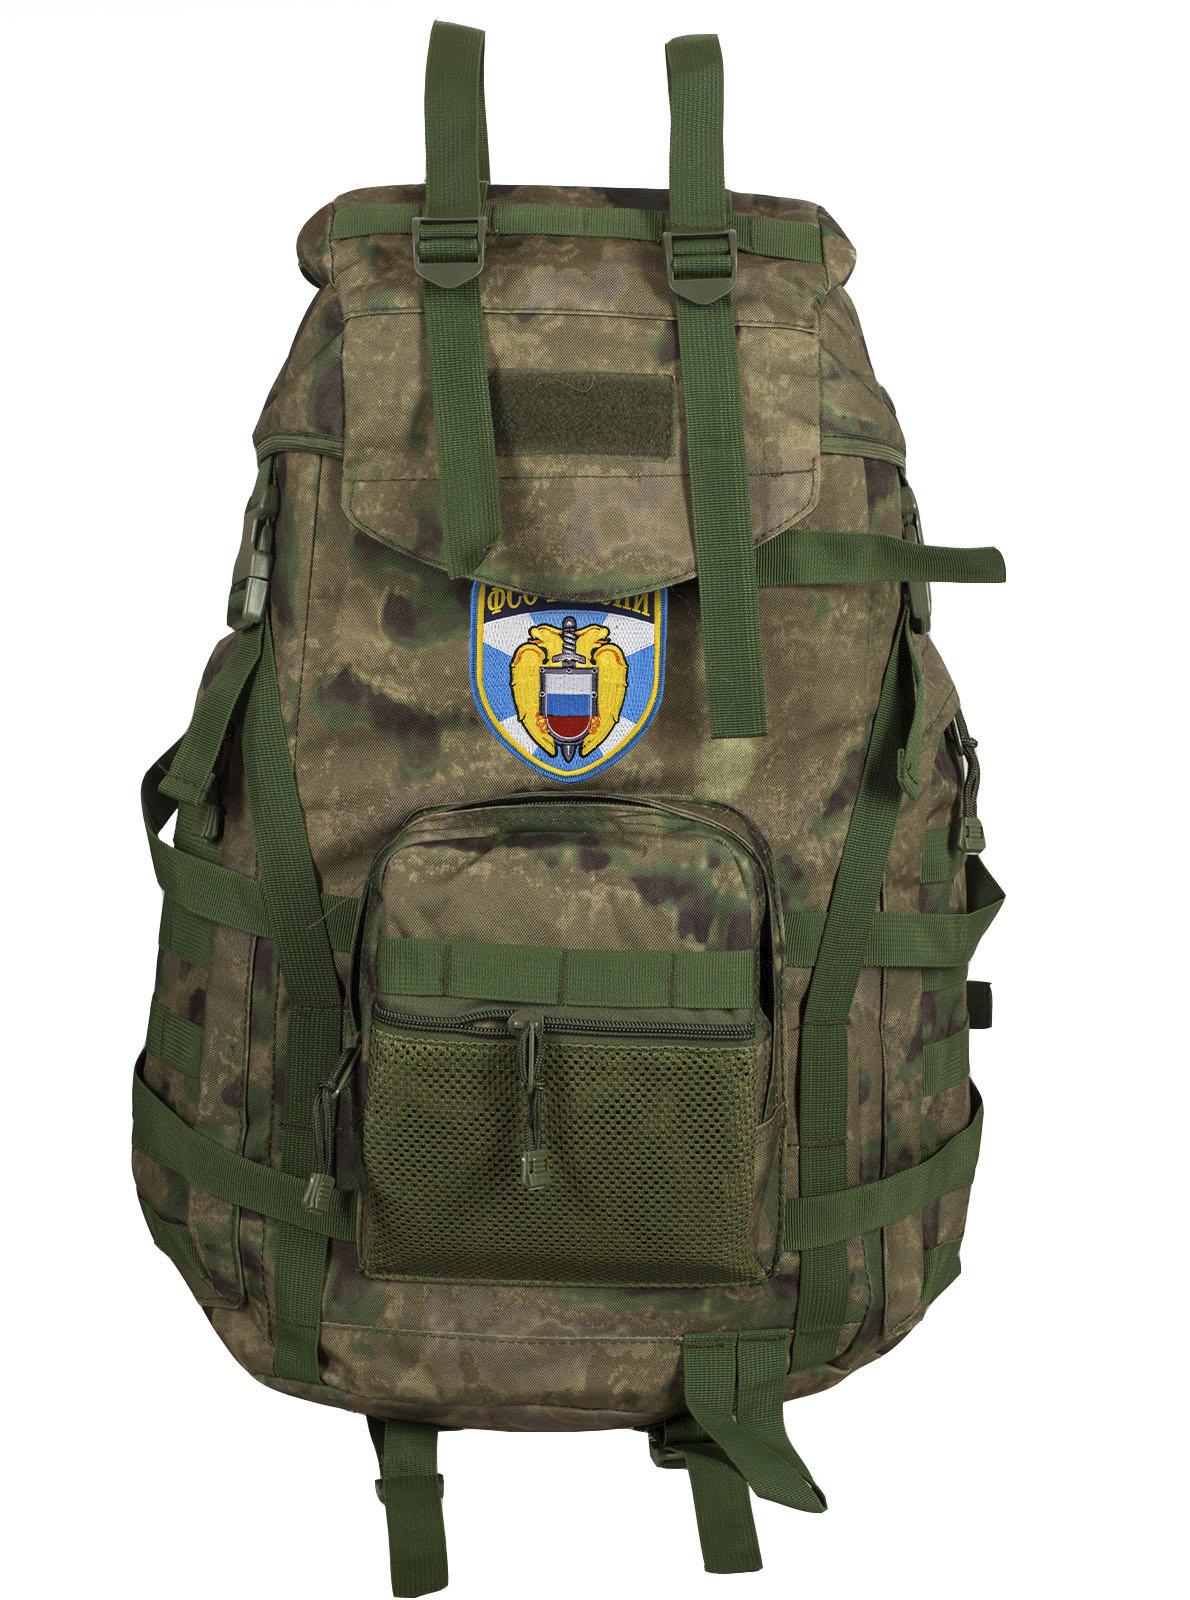 Тактический заплечный рюкзак MultiCam A-TACS FG ФСО - купить в подарок